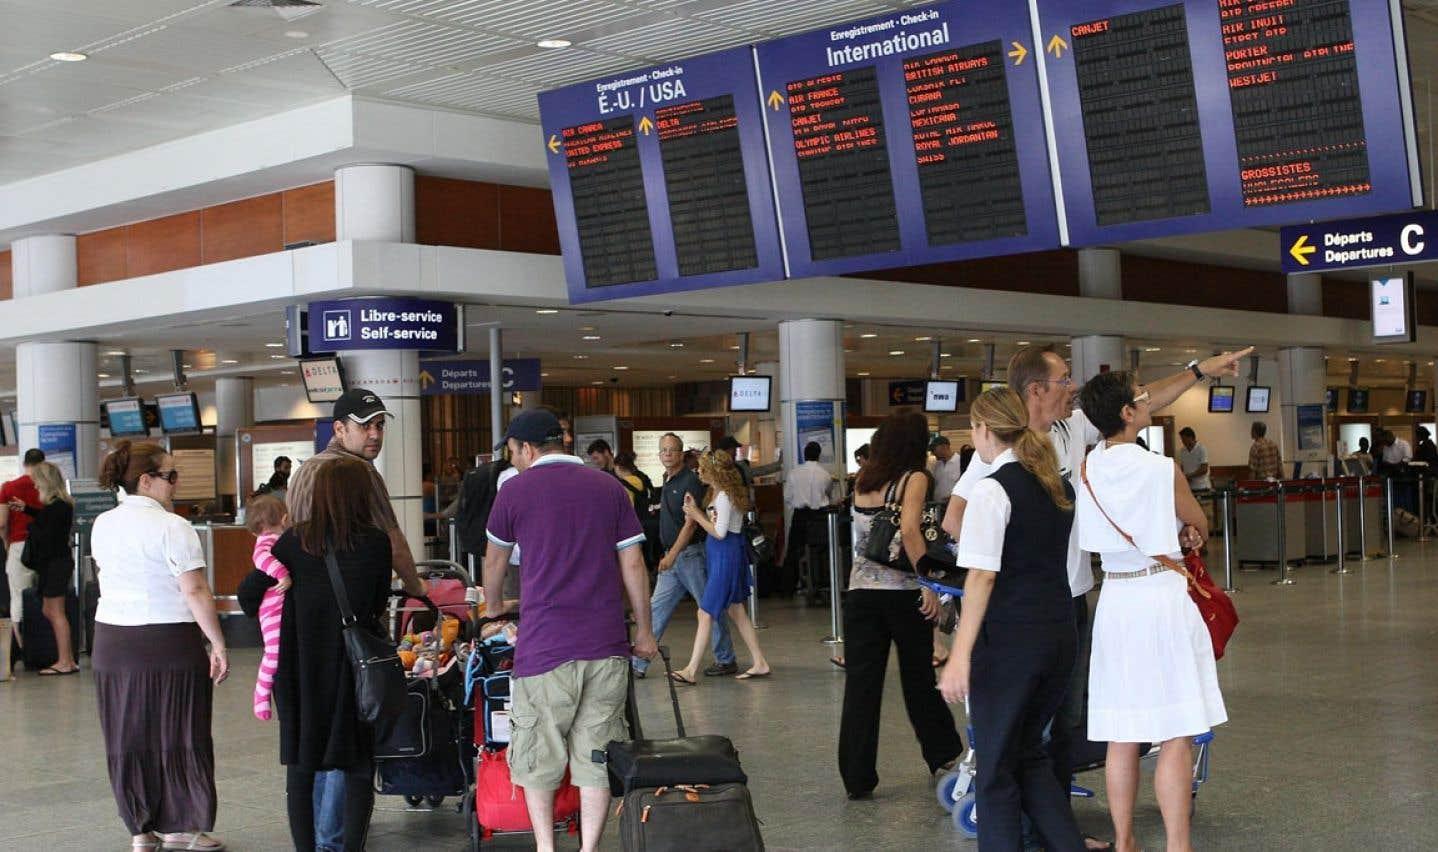 L'aéroport Montréal-Trudeau compte plus de 14 millions de passagers par an. Cet achalandage important présente un défi pour l'engagement durable de l'établissement, peu désservi par les transports en commun.